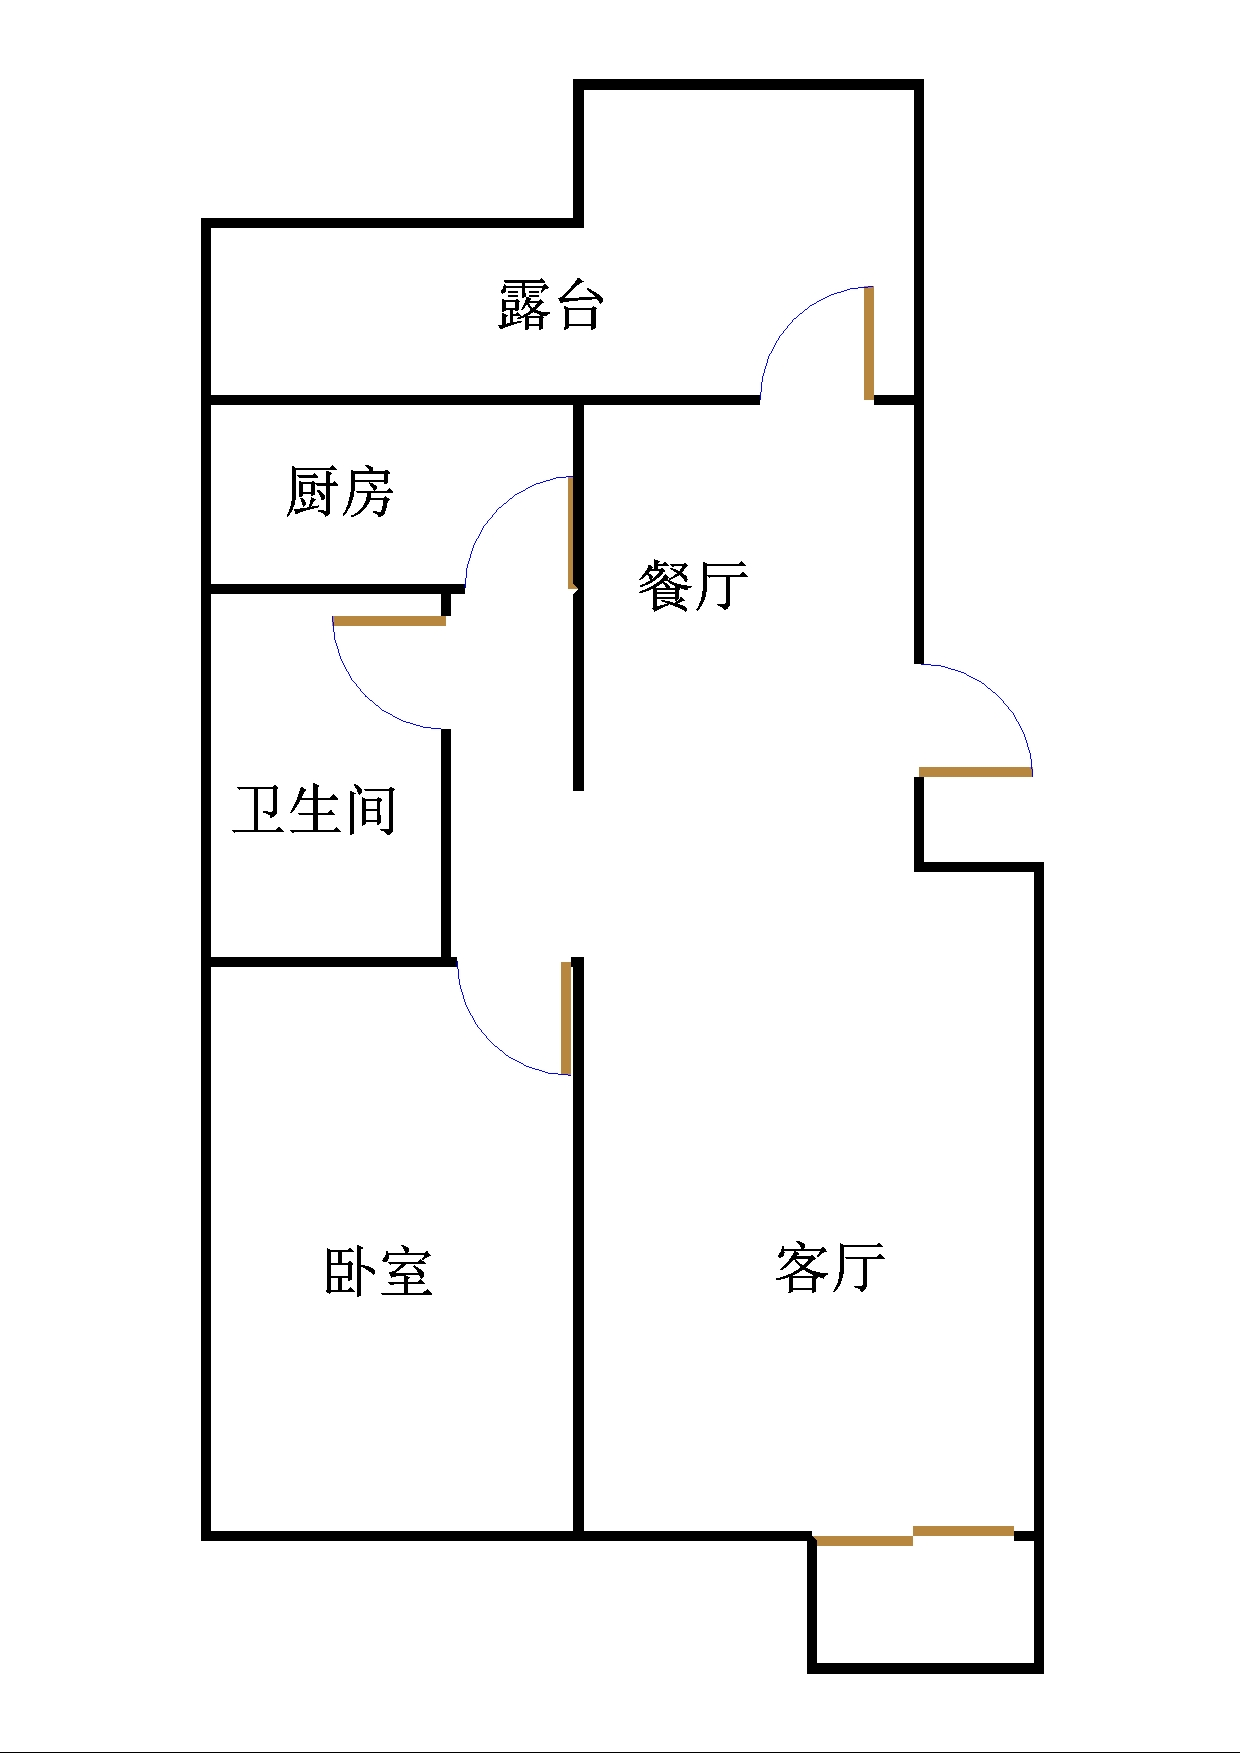 东海现代城小区 2室1厅 双证齐全 简装 42万